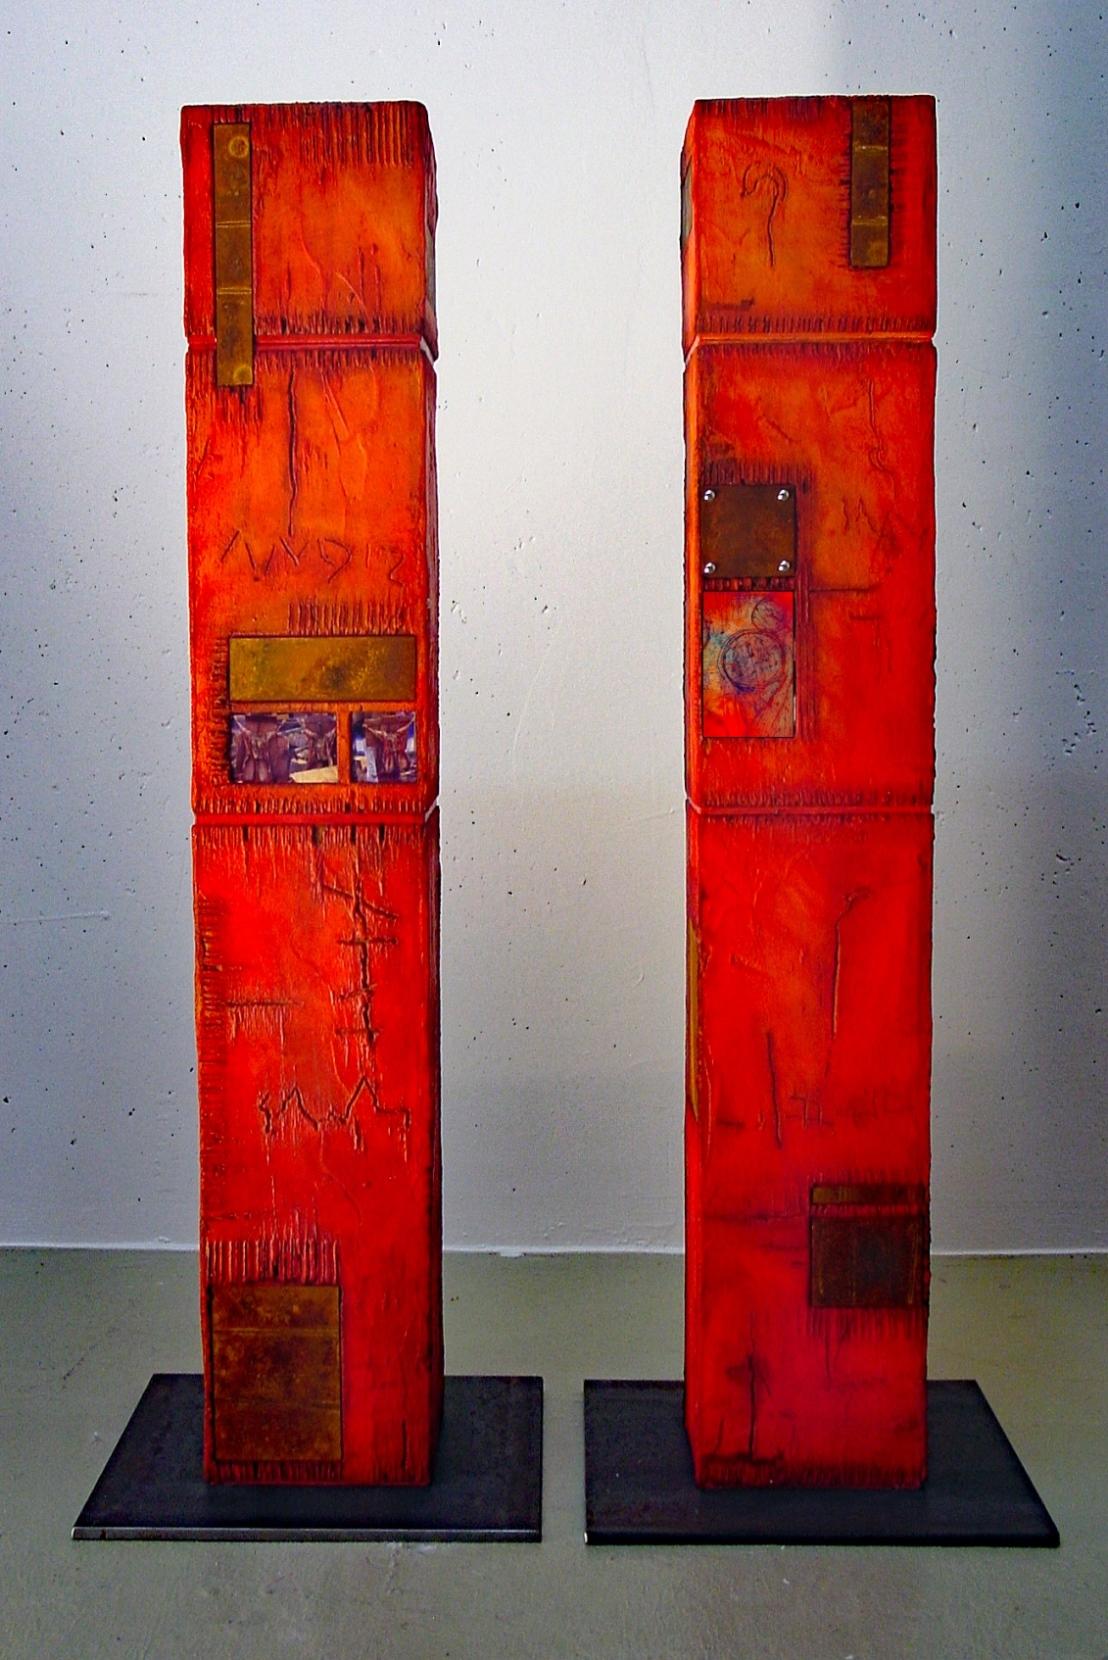 12-01 12-02 Skulpturen Holz je 21 x 21 x 122 cm